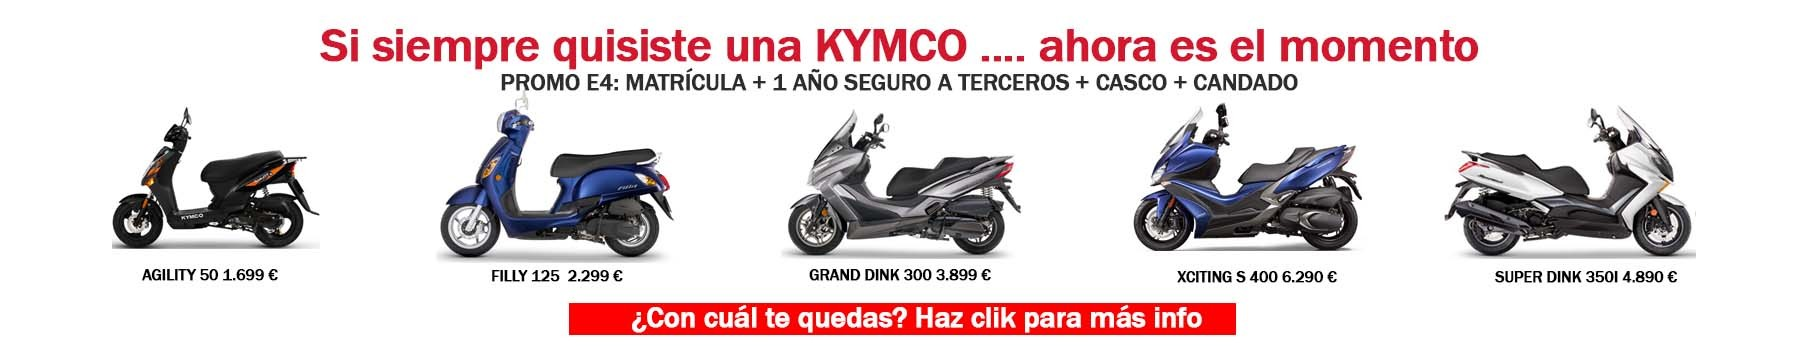 PROMO KYMVO E4